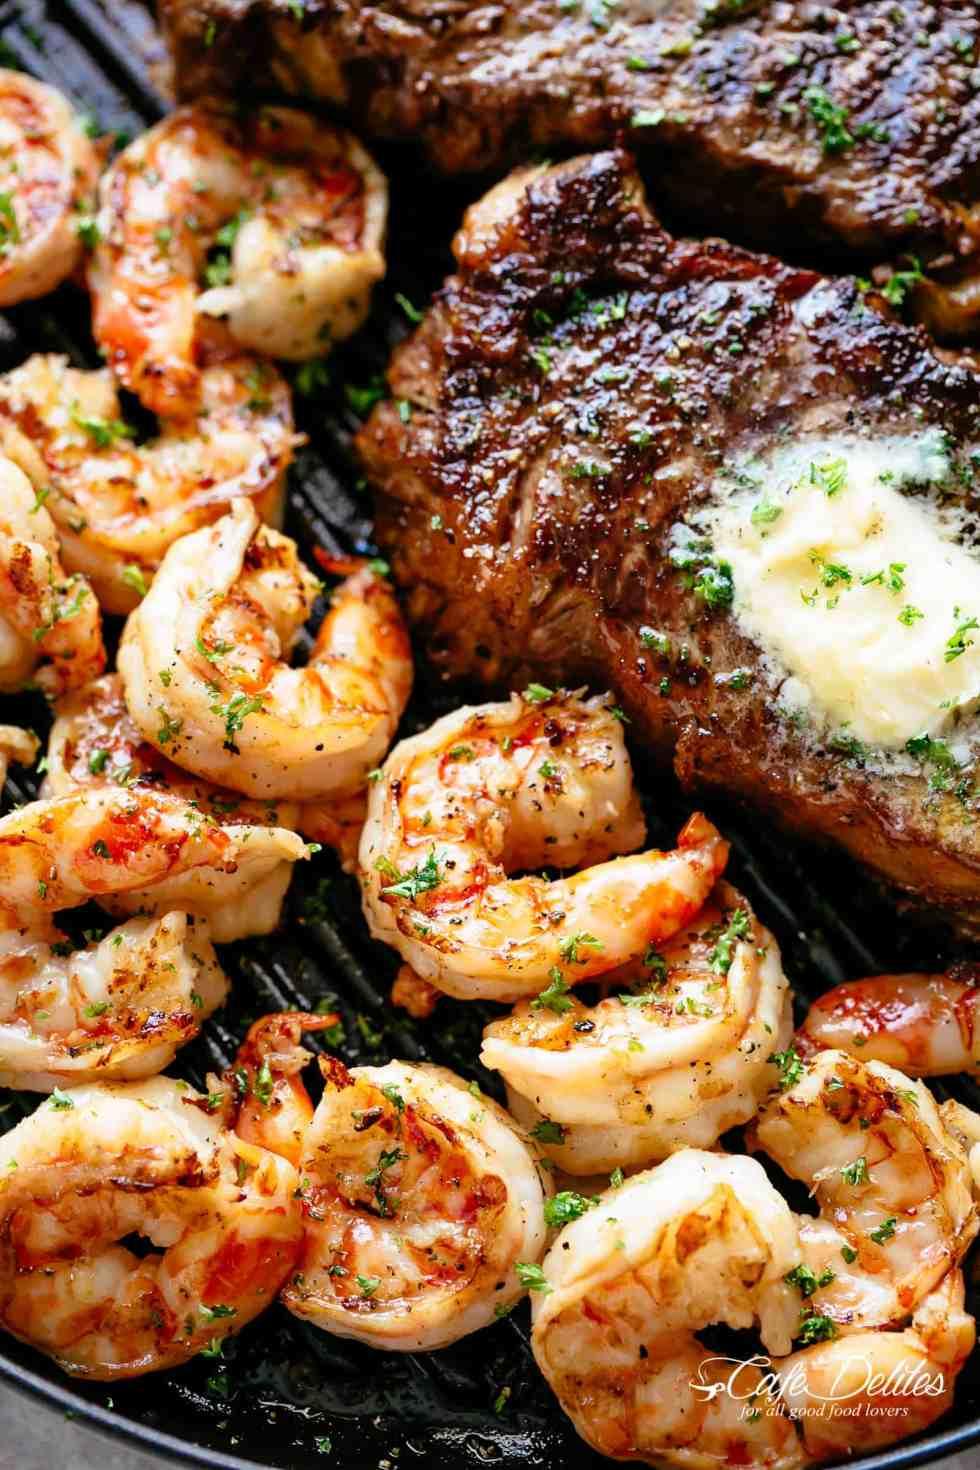 Grilled Steak & Shrimp slathered in garlic butter | cafedelites.com